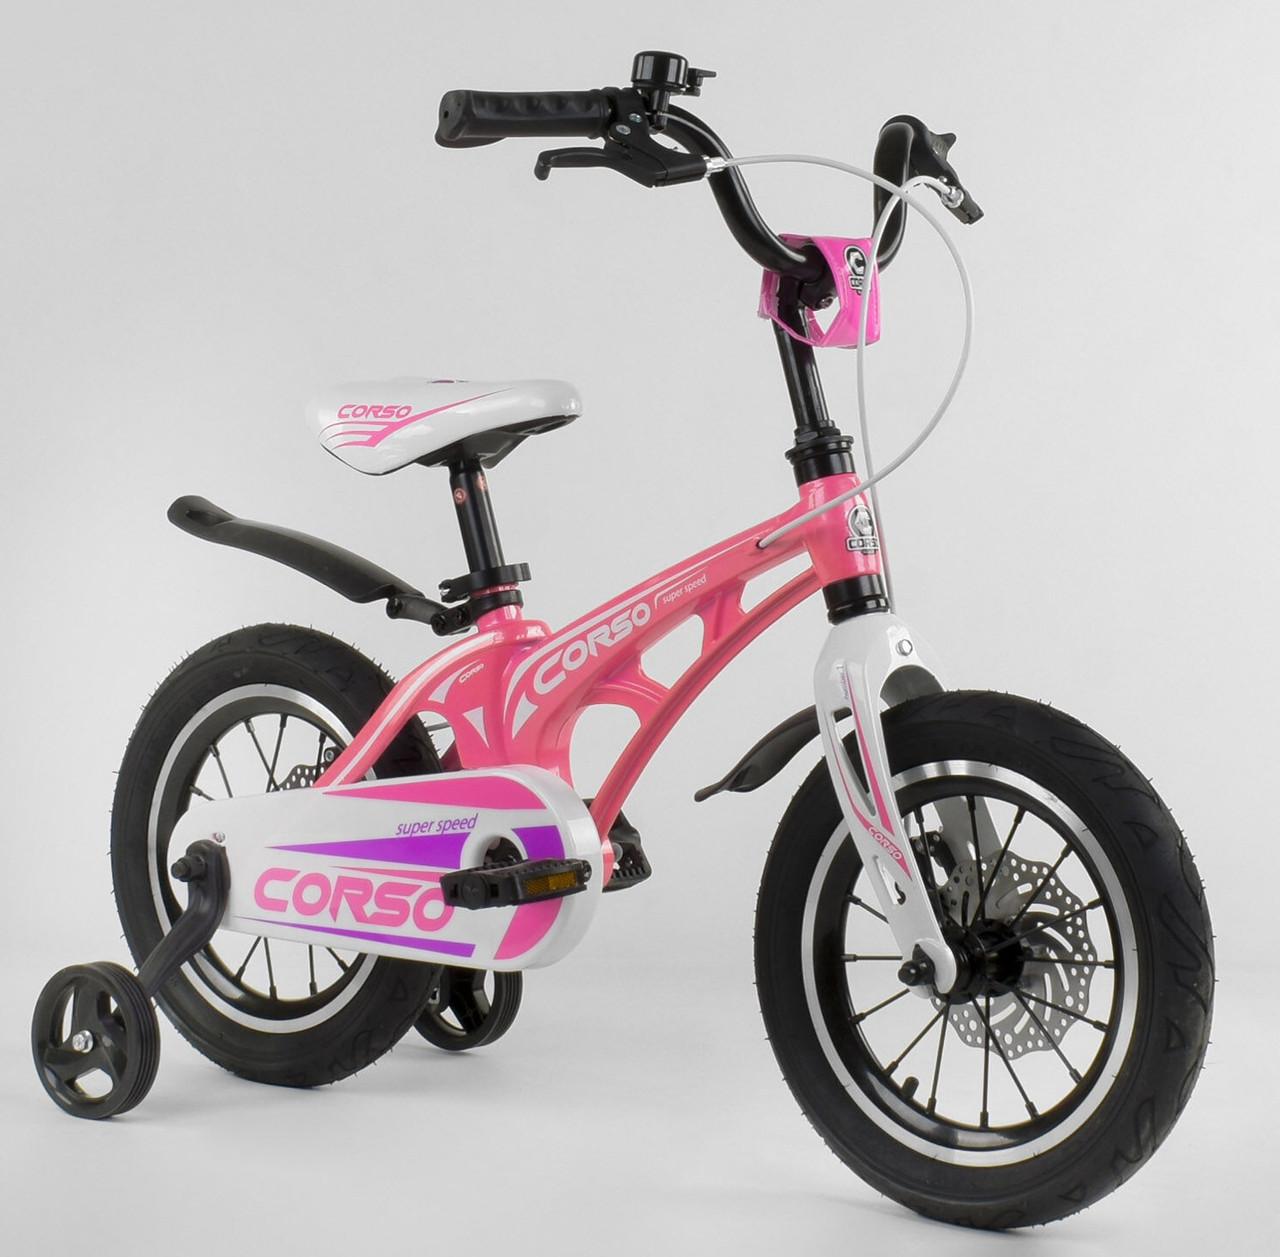 Детский 2-х колёсный двухколёсный велосипед 14 дюймов MG-14 S 706, магниевая рама, двойные диски, ровер